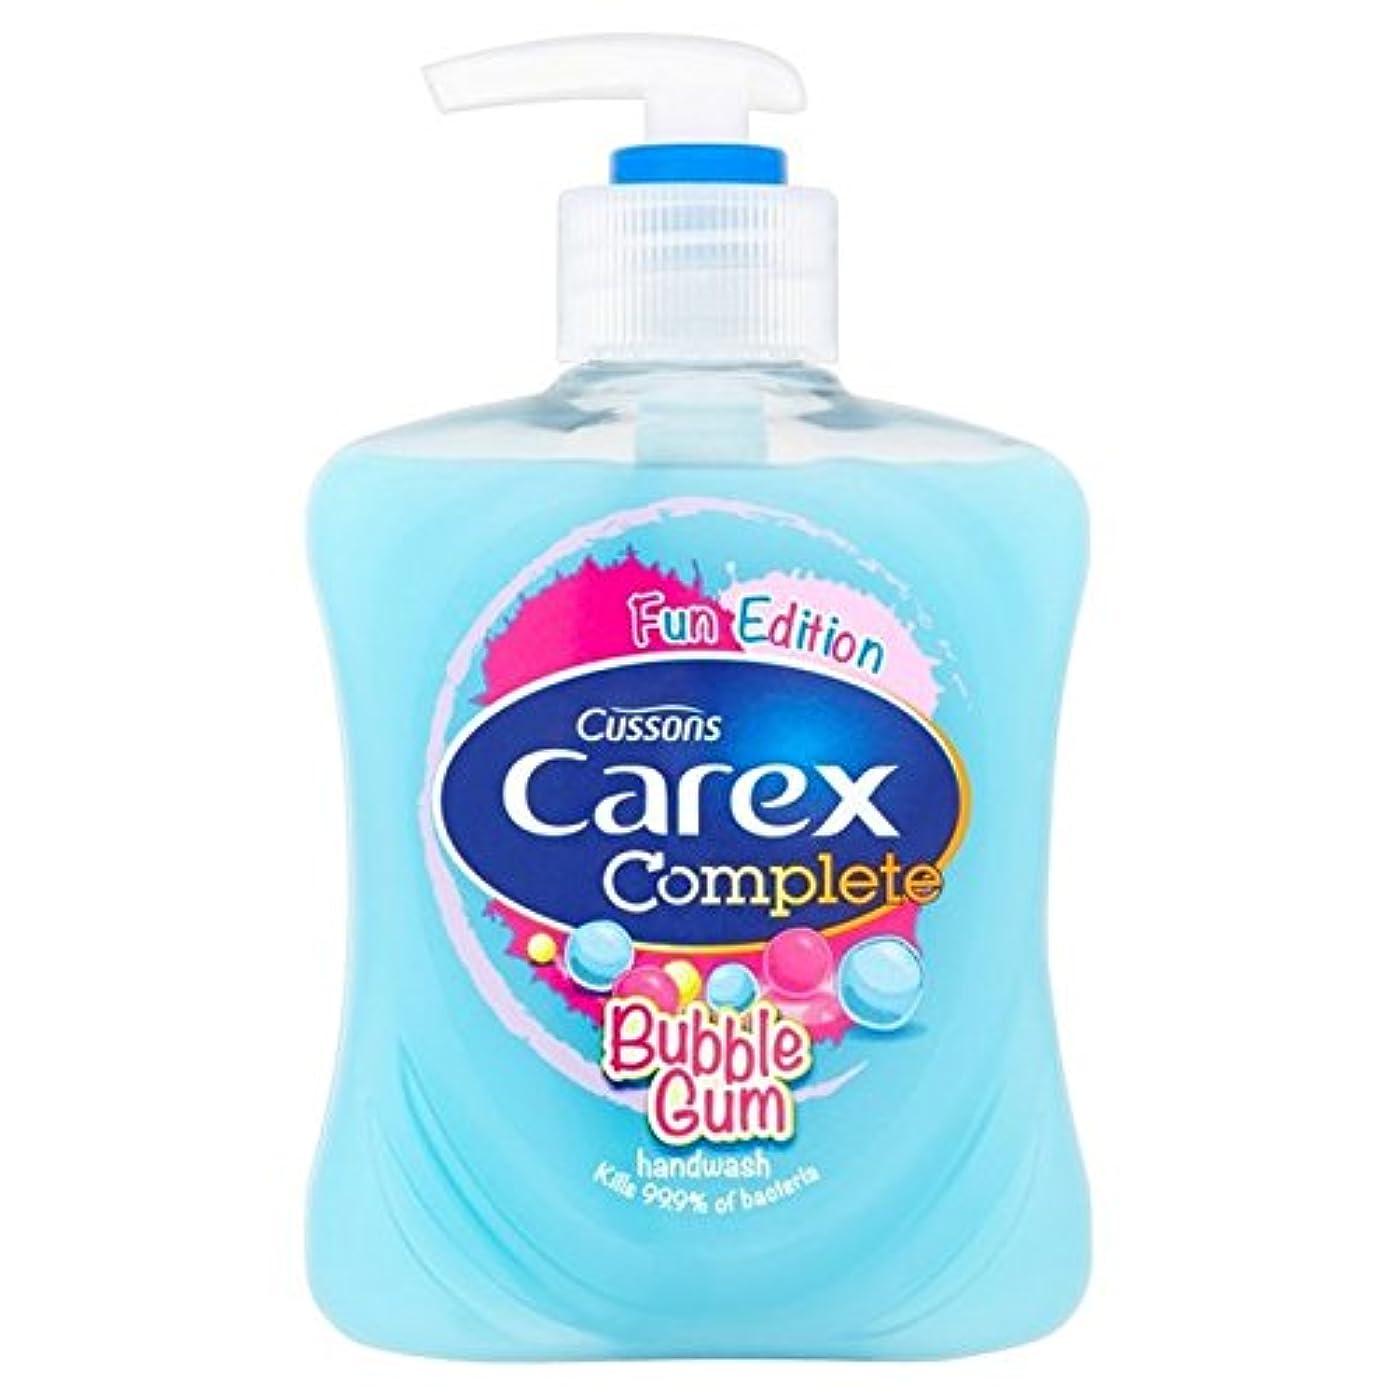 見ました関係ない補うCarex Kids Handwash Bubblegum 250ml - スゲ子供手洗いバブルガムの250ミリリットル [並行輸入品]